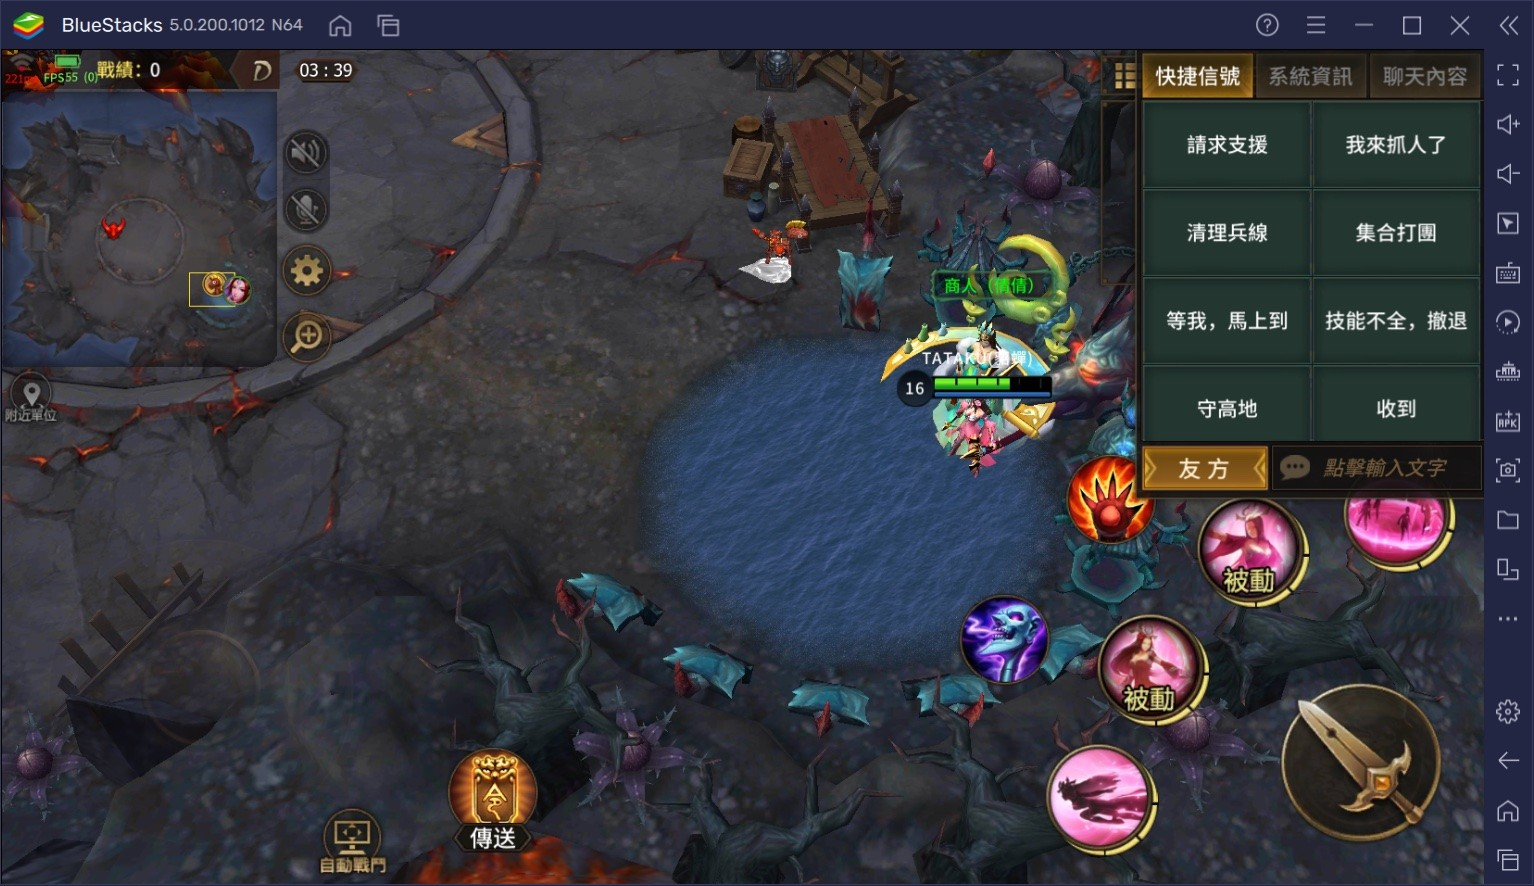 如何用BlueStacks在電腦上玩手機遊戲《夢三國復刻版》